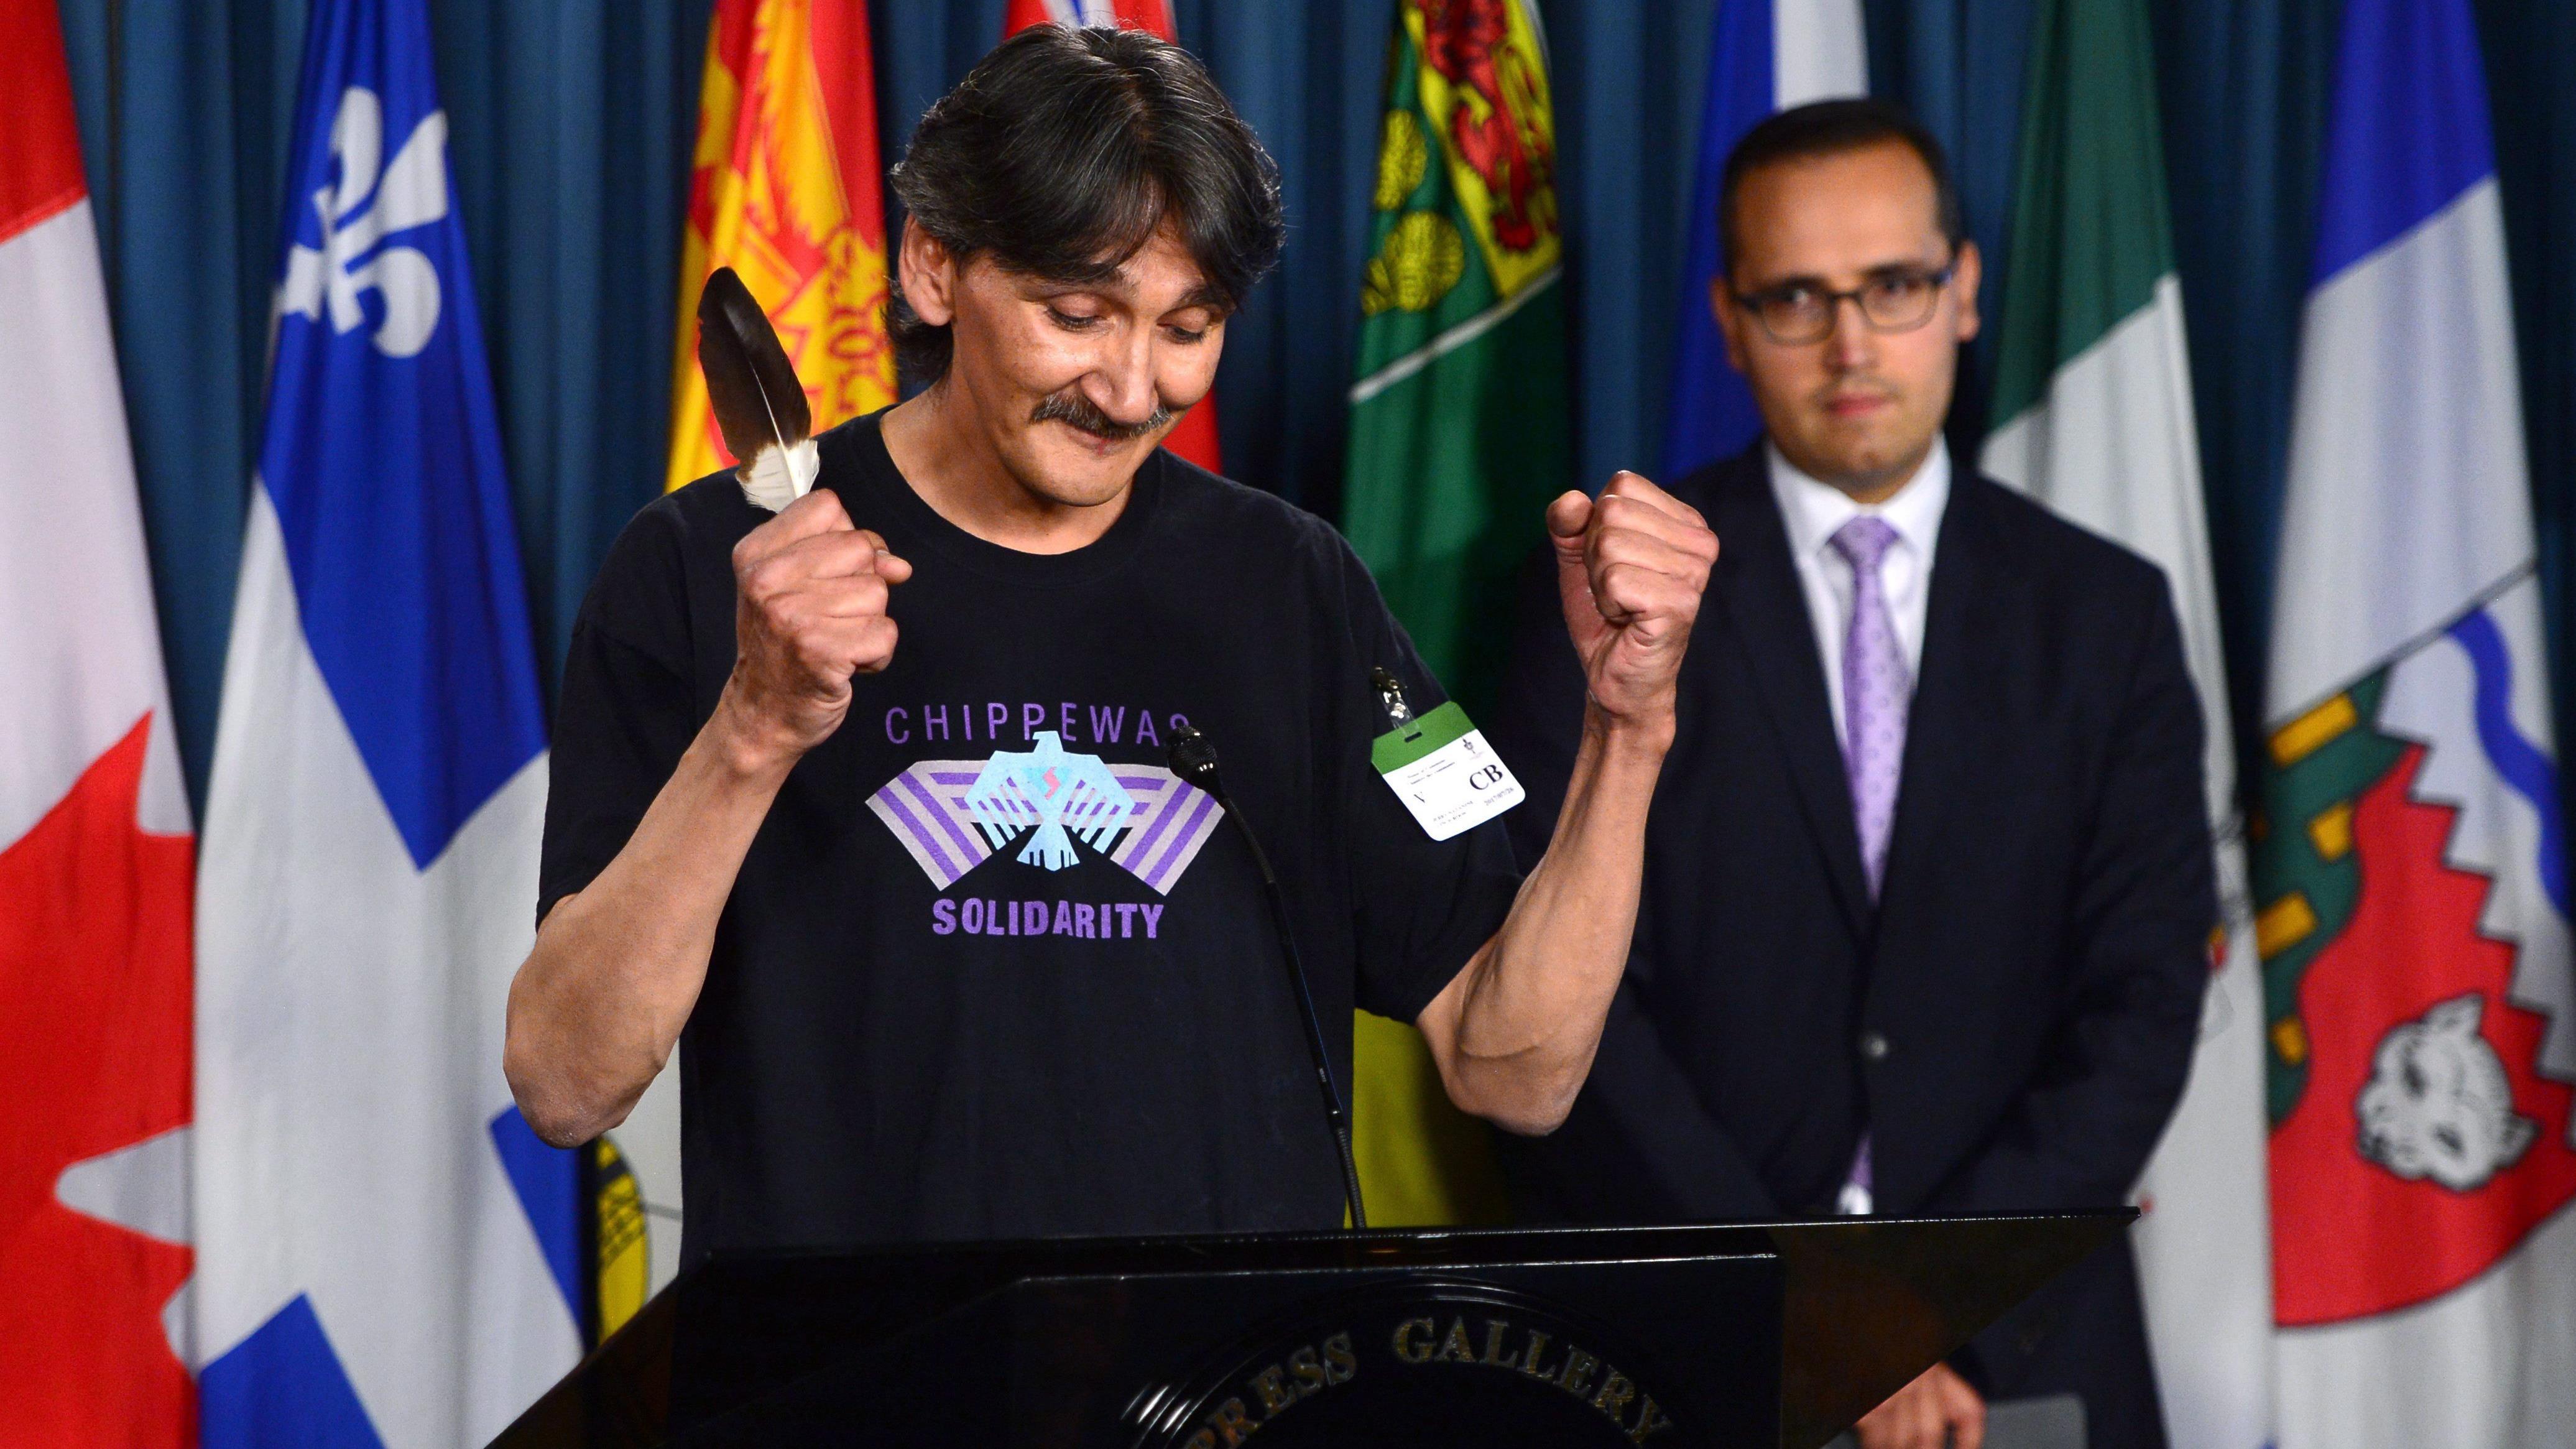 « Aujourd'hui, la justice est de notre bord » - l'ex-maire de la communauté inuite de Clyde River